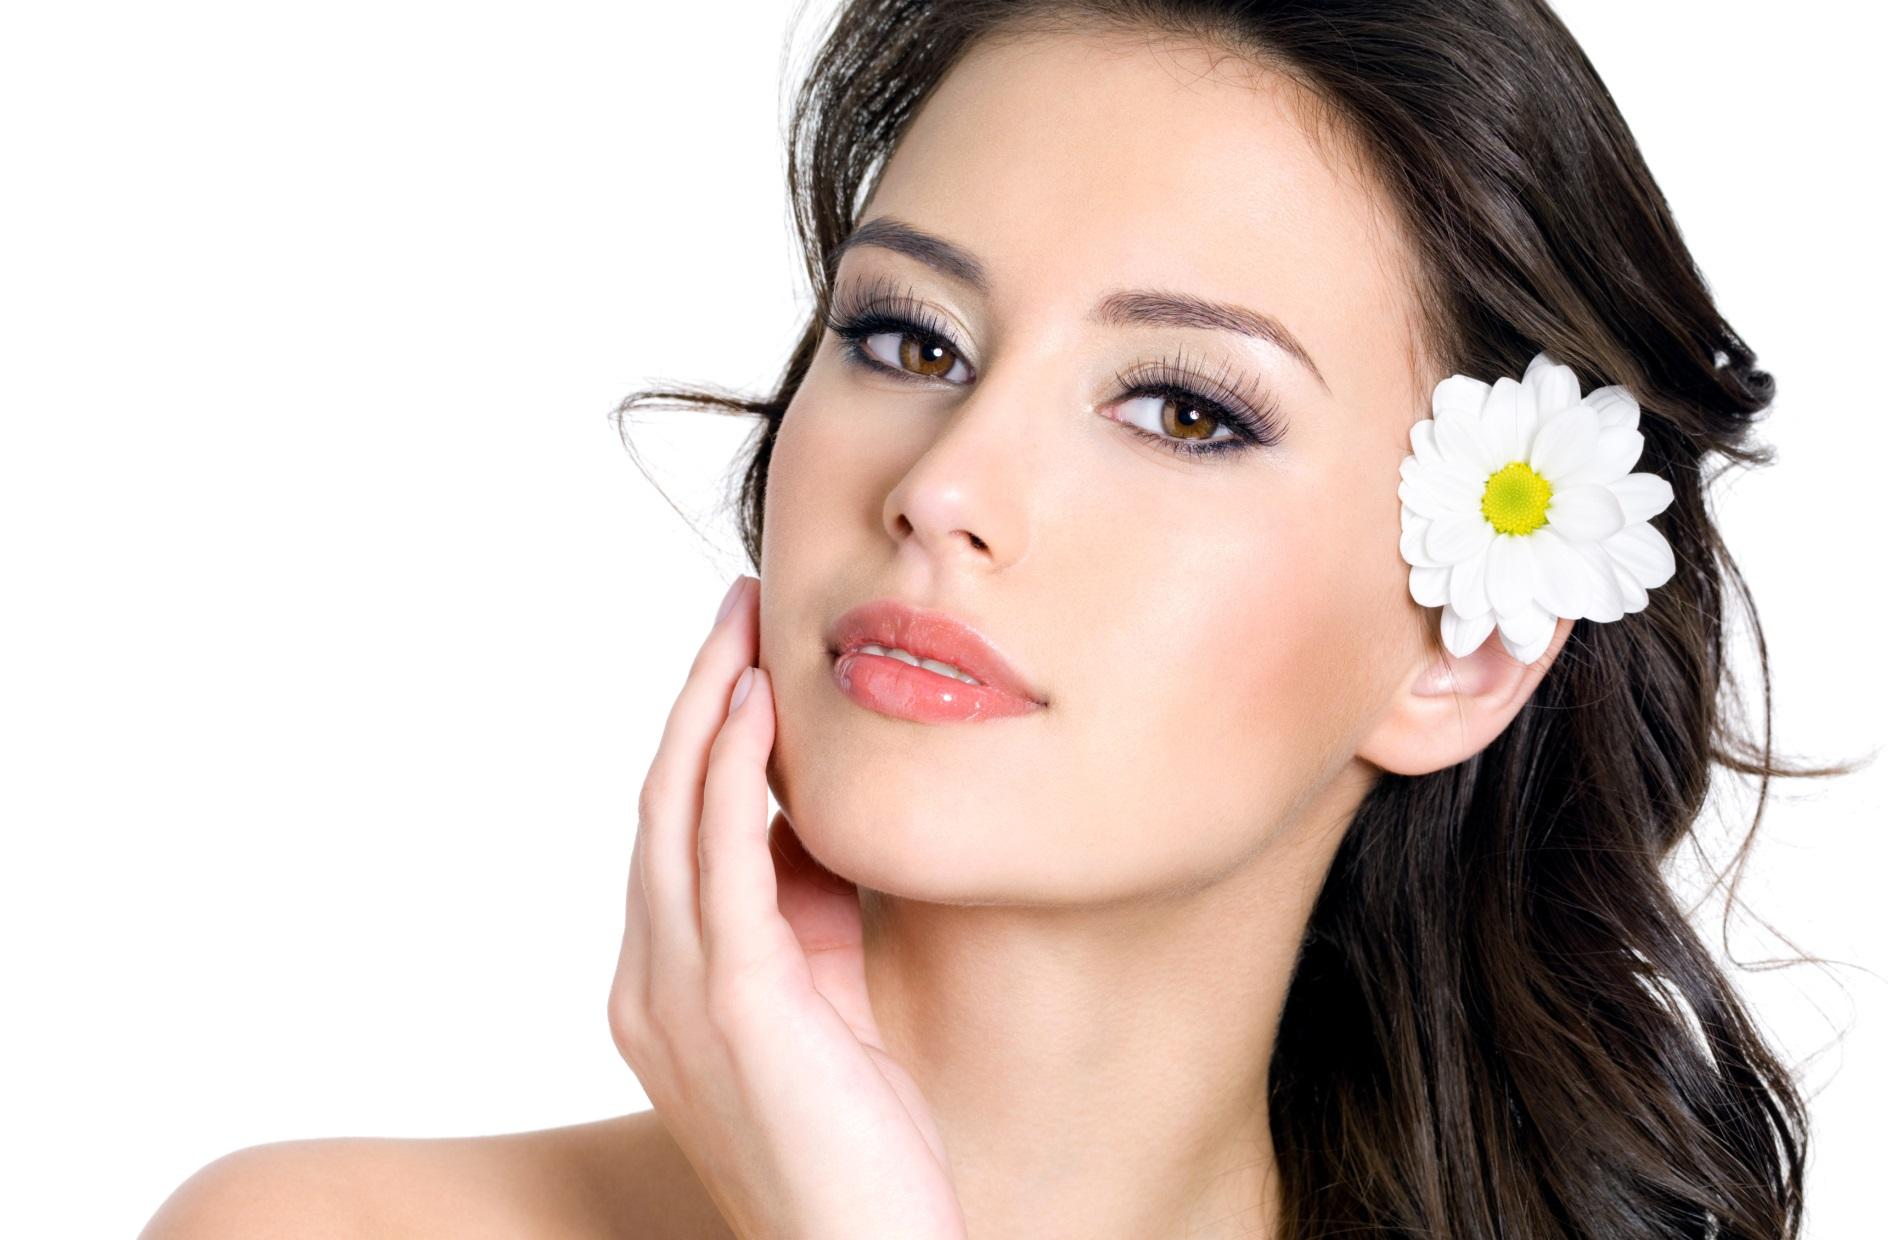 4 Easy Beauty Tips